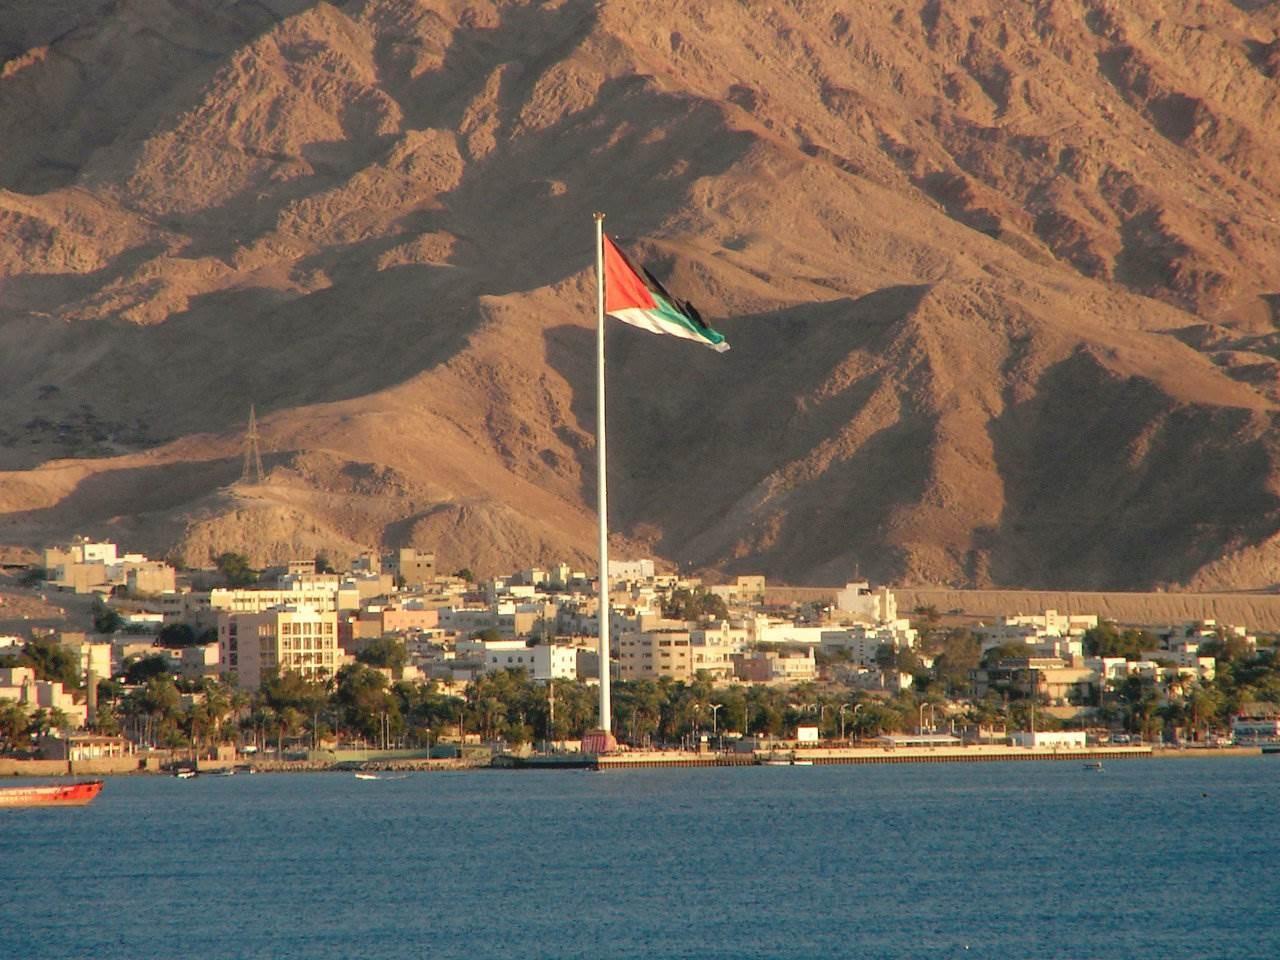 في سابقة استثنائية... العقبة الأردنية تسجل أعلى درجة حرارة على وجه الأرض